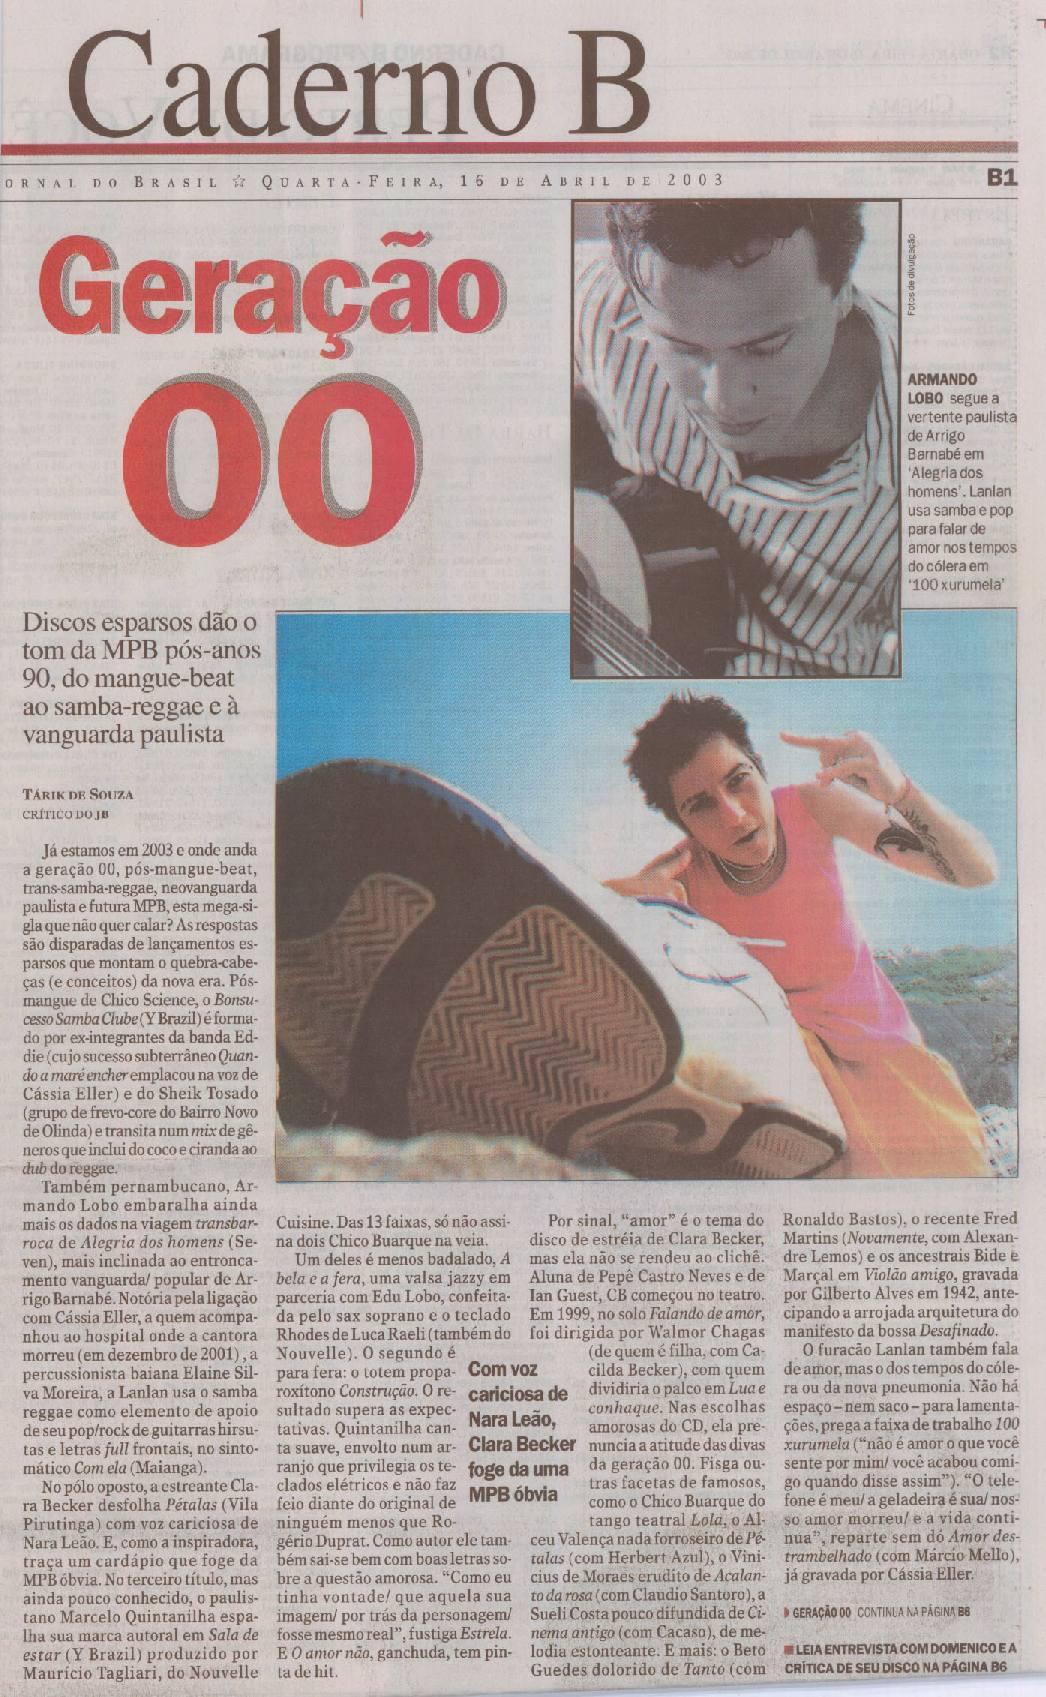 Jornal do Brasil 1